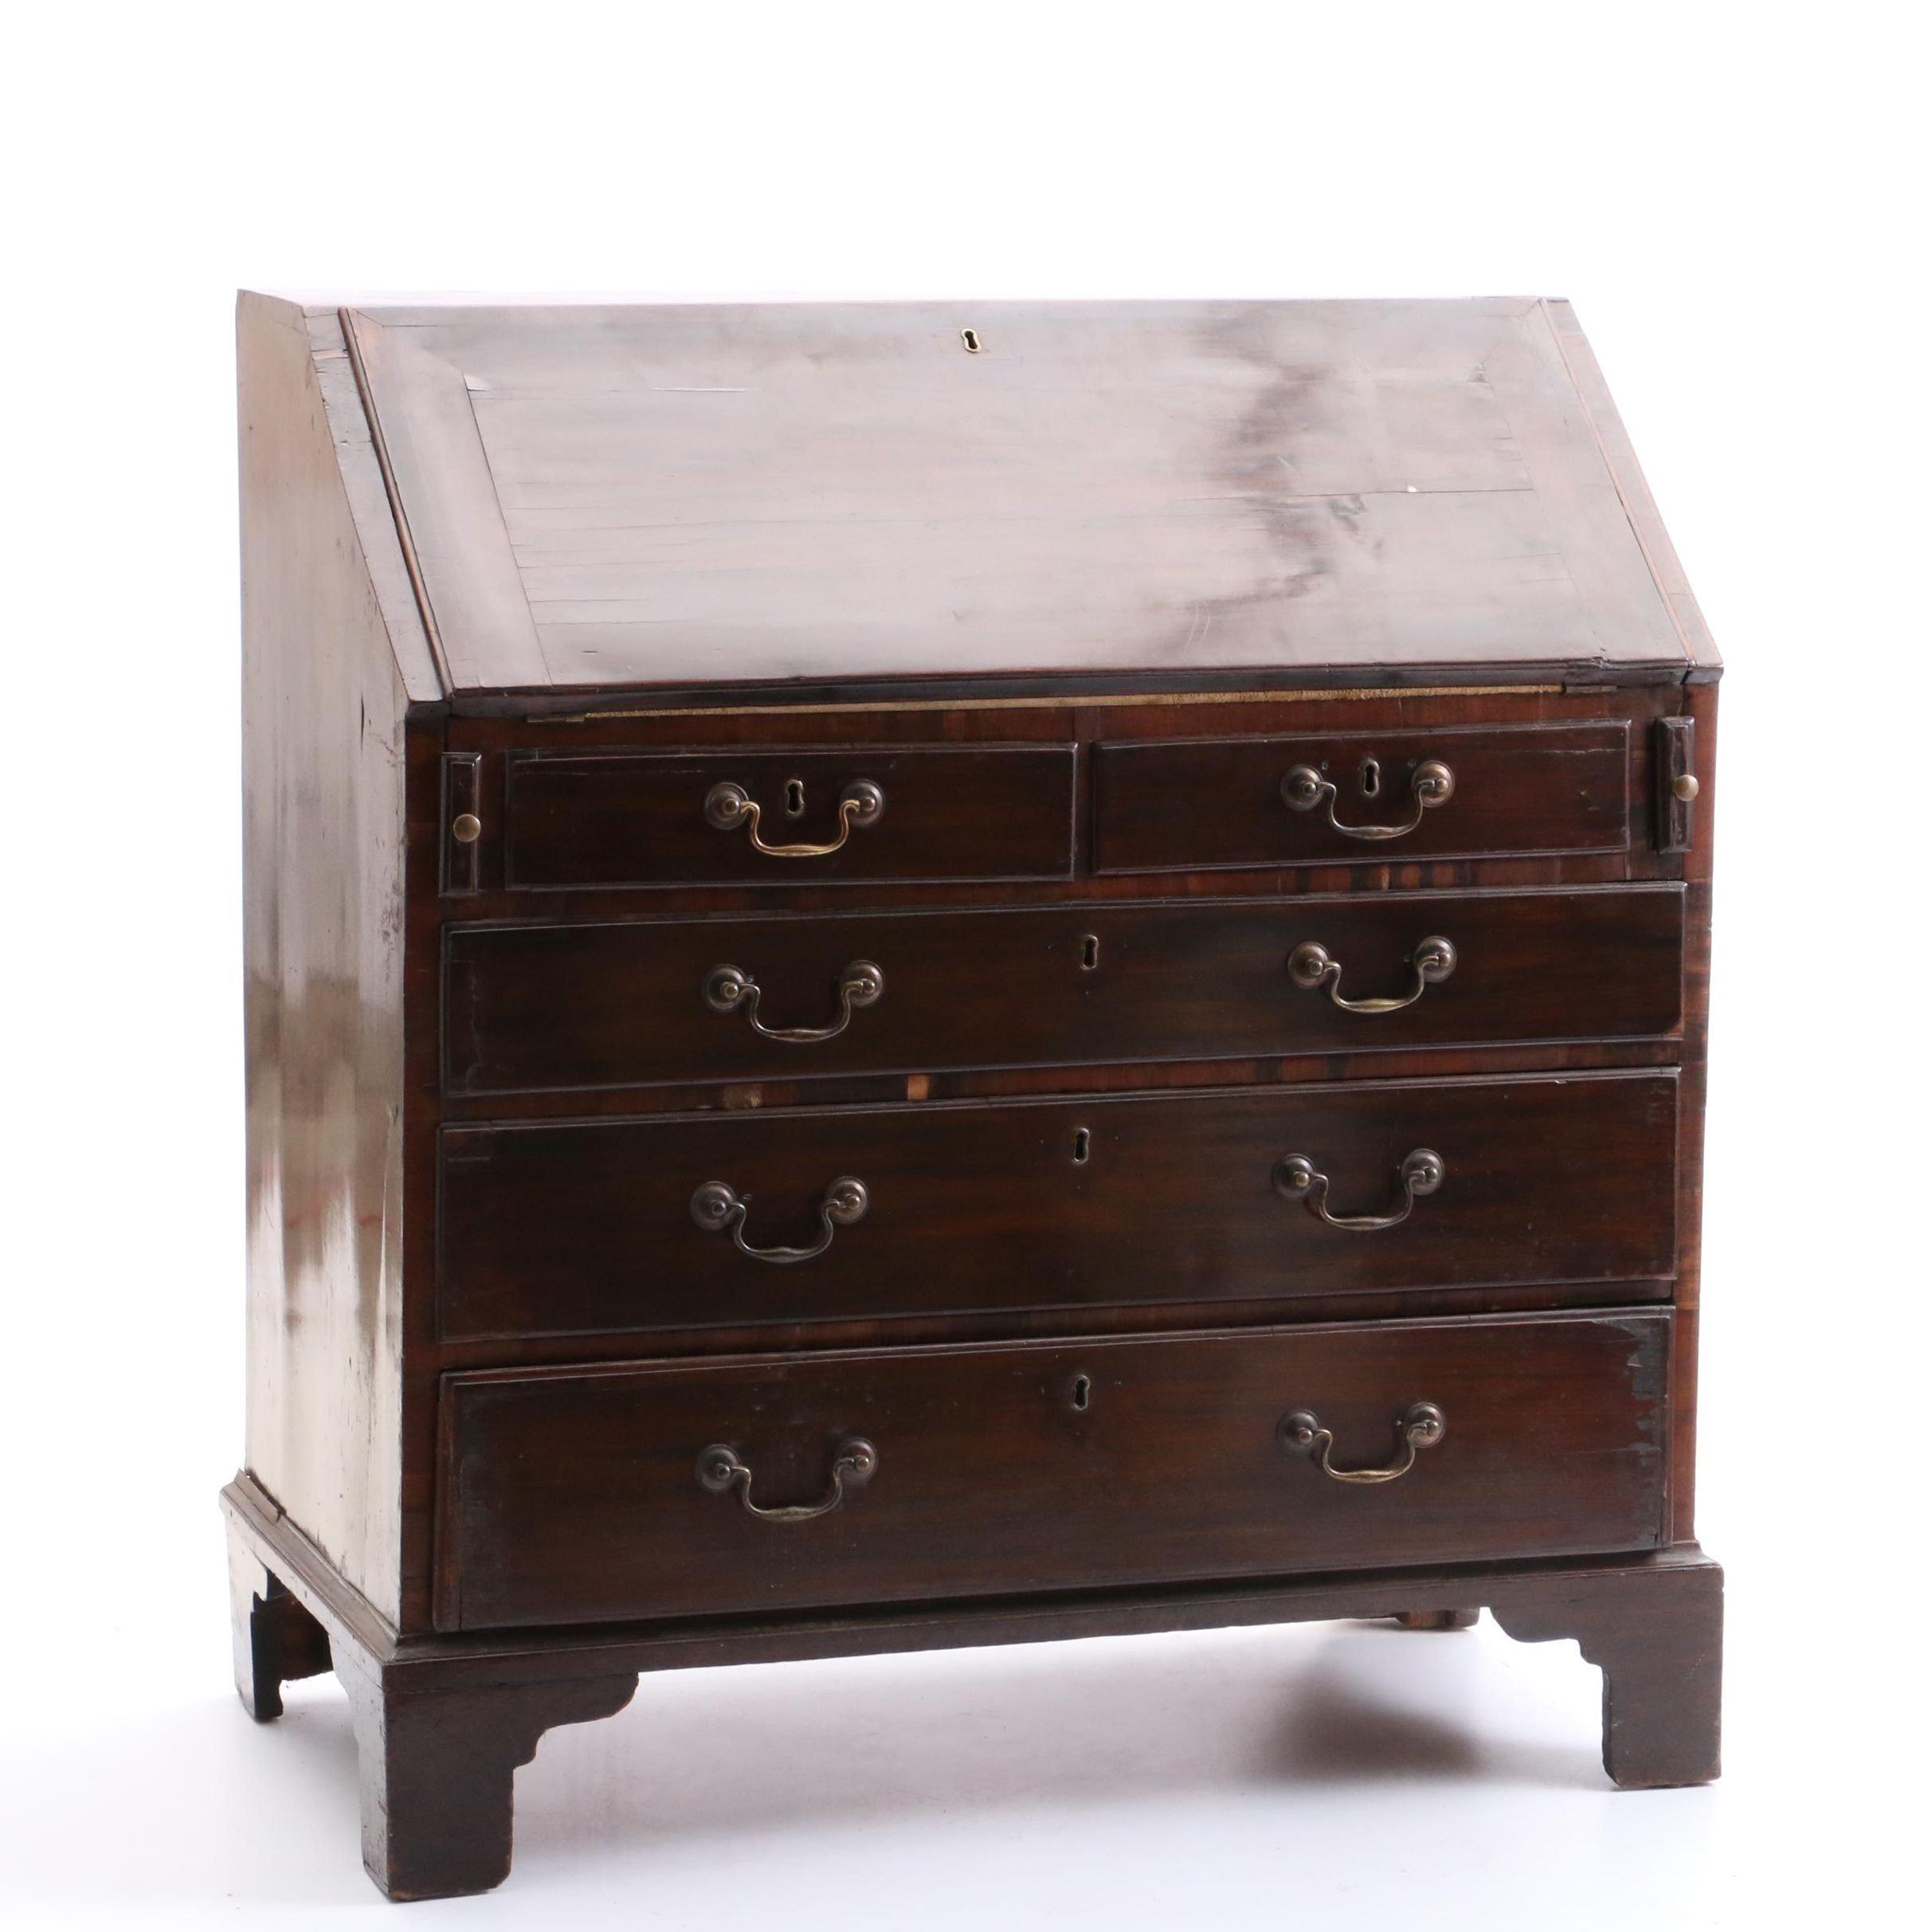 Ca. Late 18th Century Desk